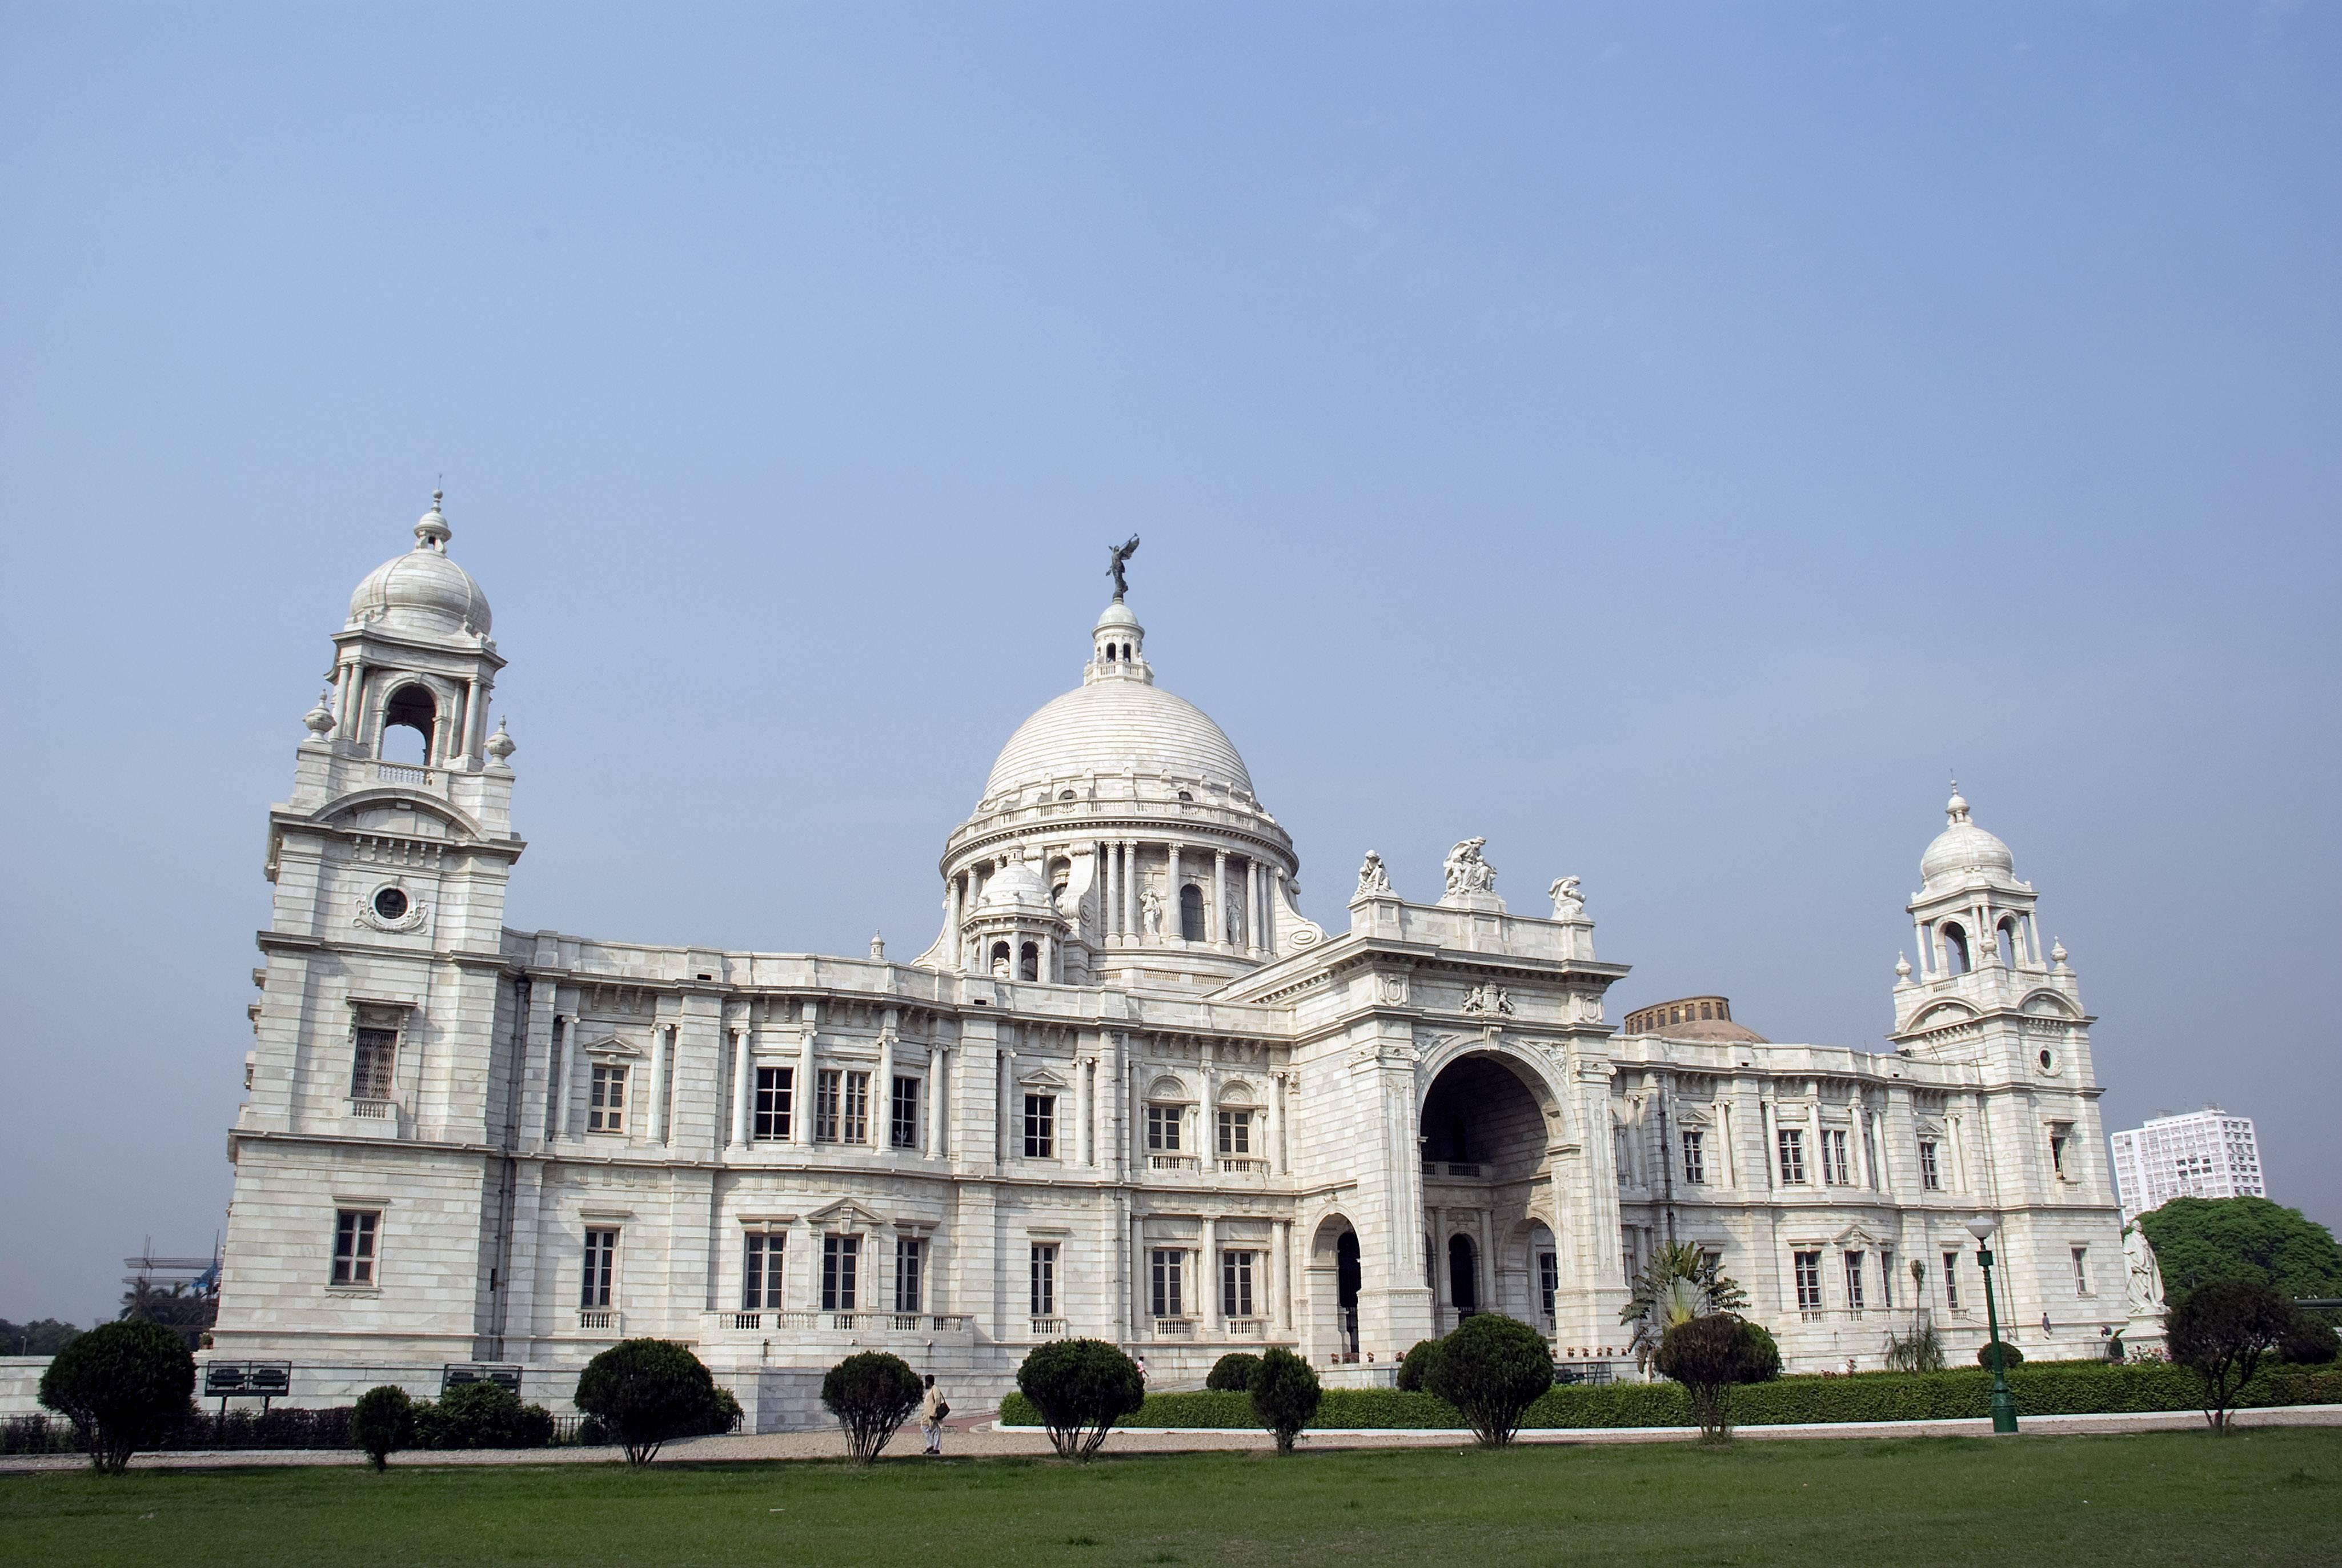 विक्टोरिया मेमोरियल. कोलकाता. वेस्ट बंगाल. फोटो: Getty Images